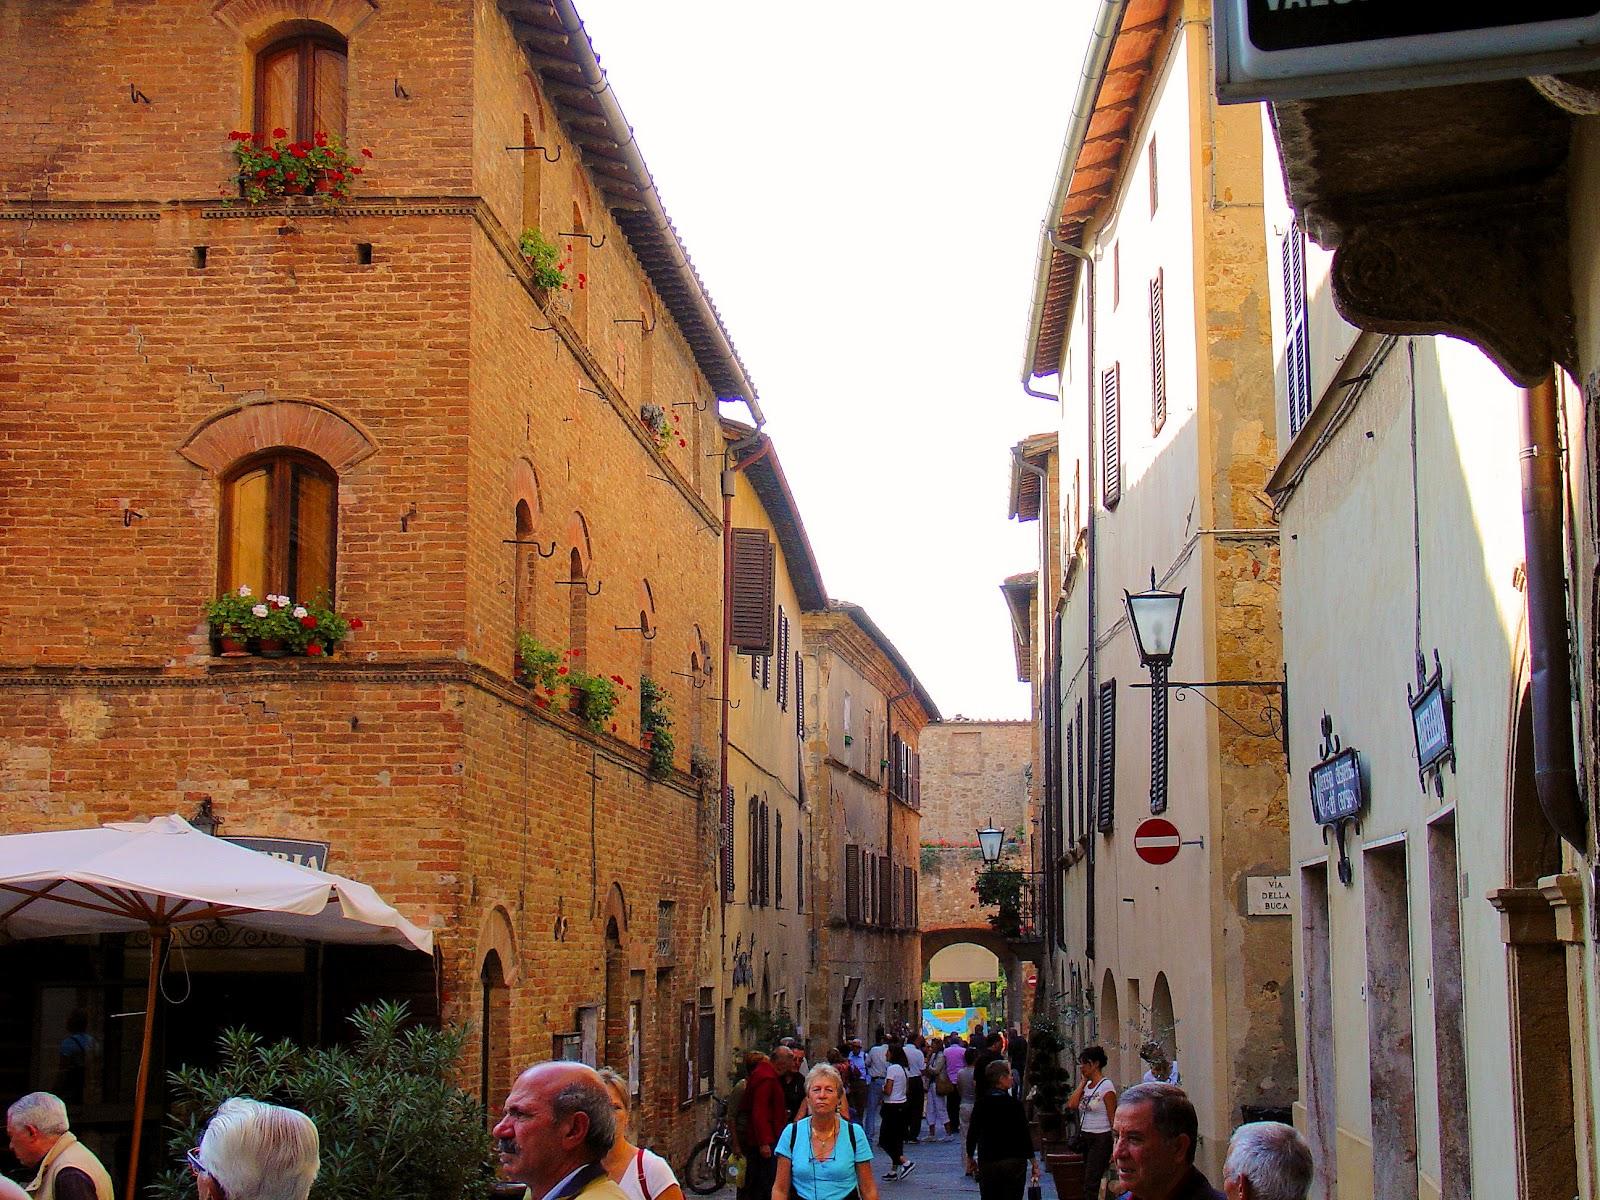 Italy Tuscany Pienza village street